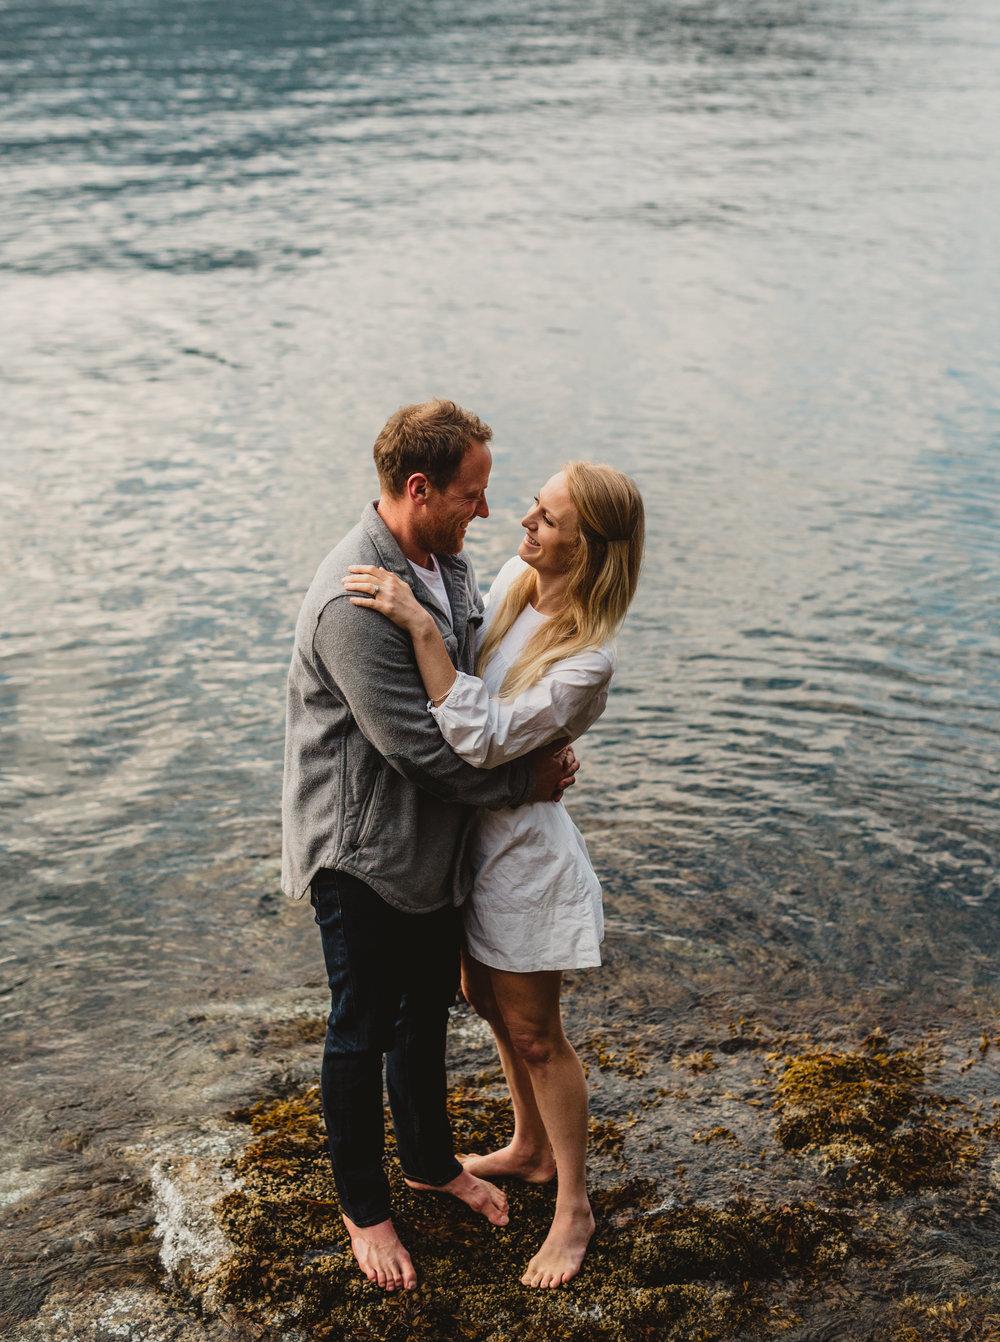 Keats Island Engagement Photos - Sunshine Coast Engagement Photos - Sunshine Coast Wedding Photographer - Vancovuer Wedding Photographer - Jennifer Picard Photography - IMG_0545.jpg